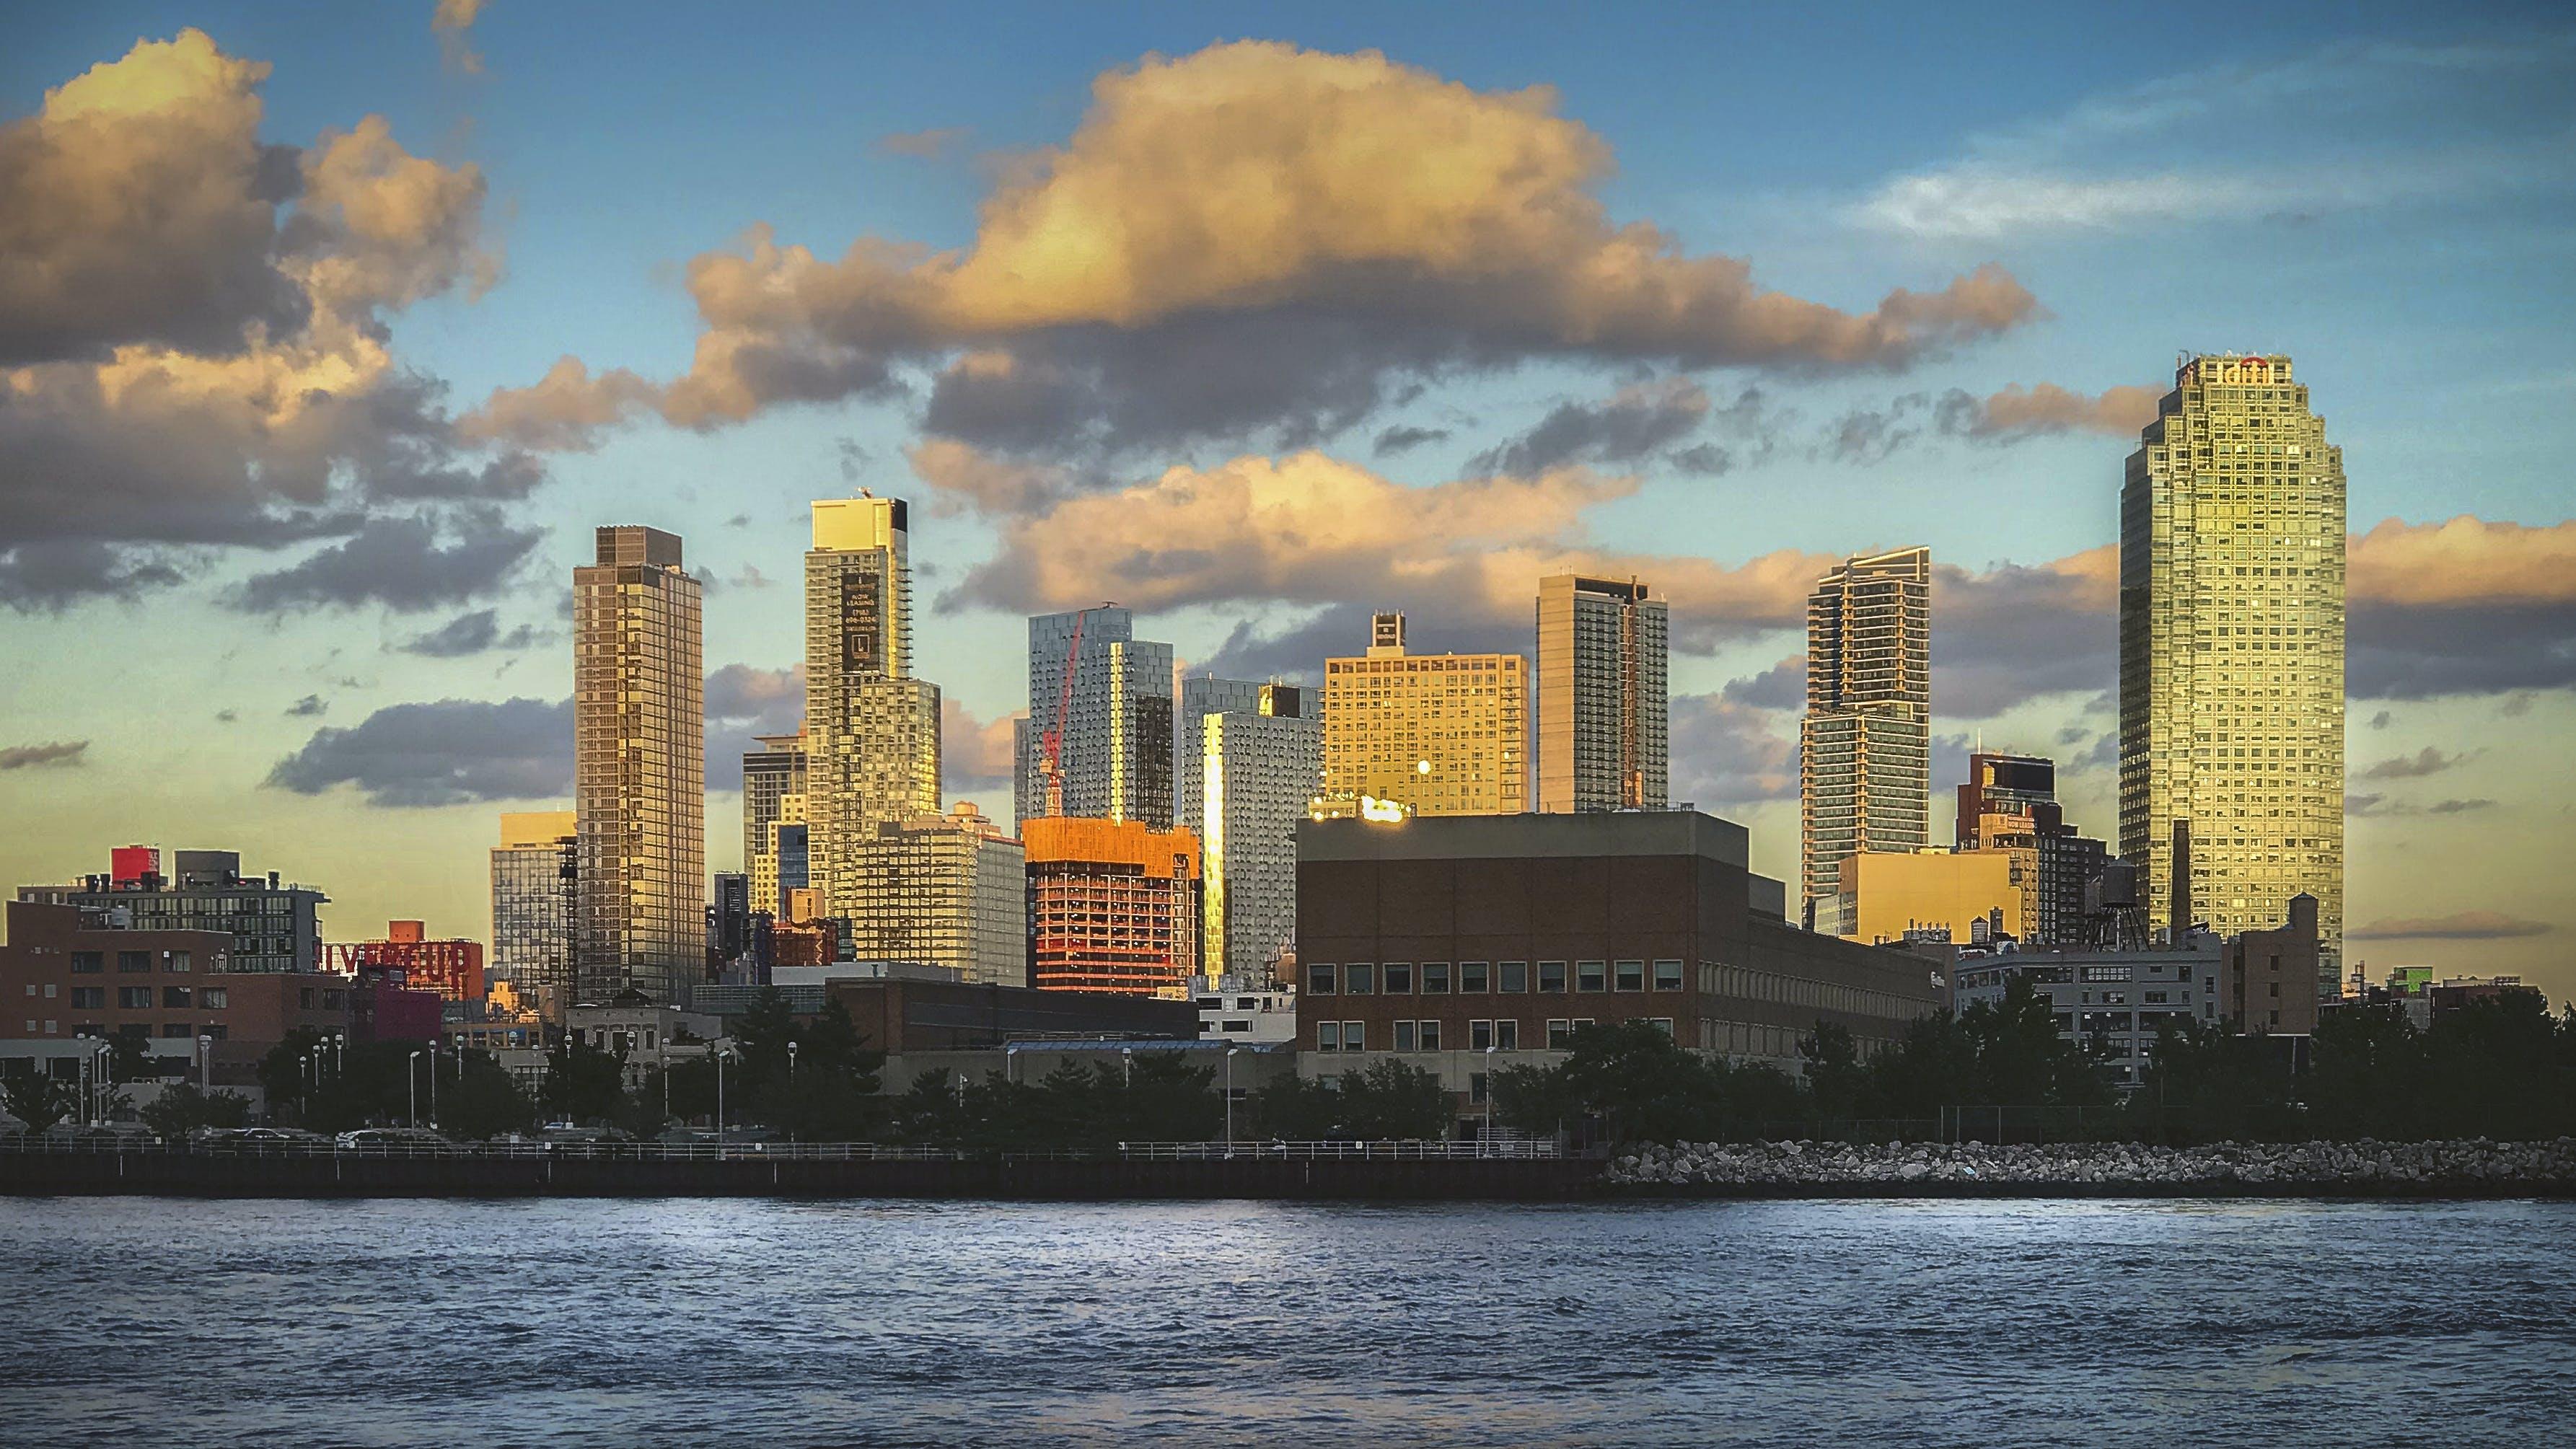 シティービュー, スカイライン, ニューヨーク市, 河岸の無料の写真素材